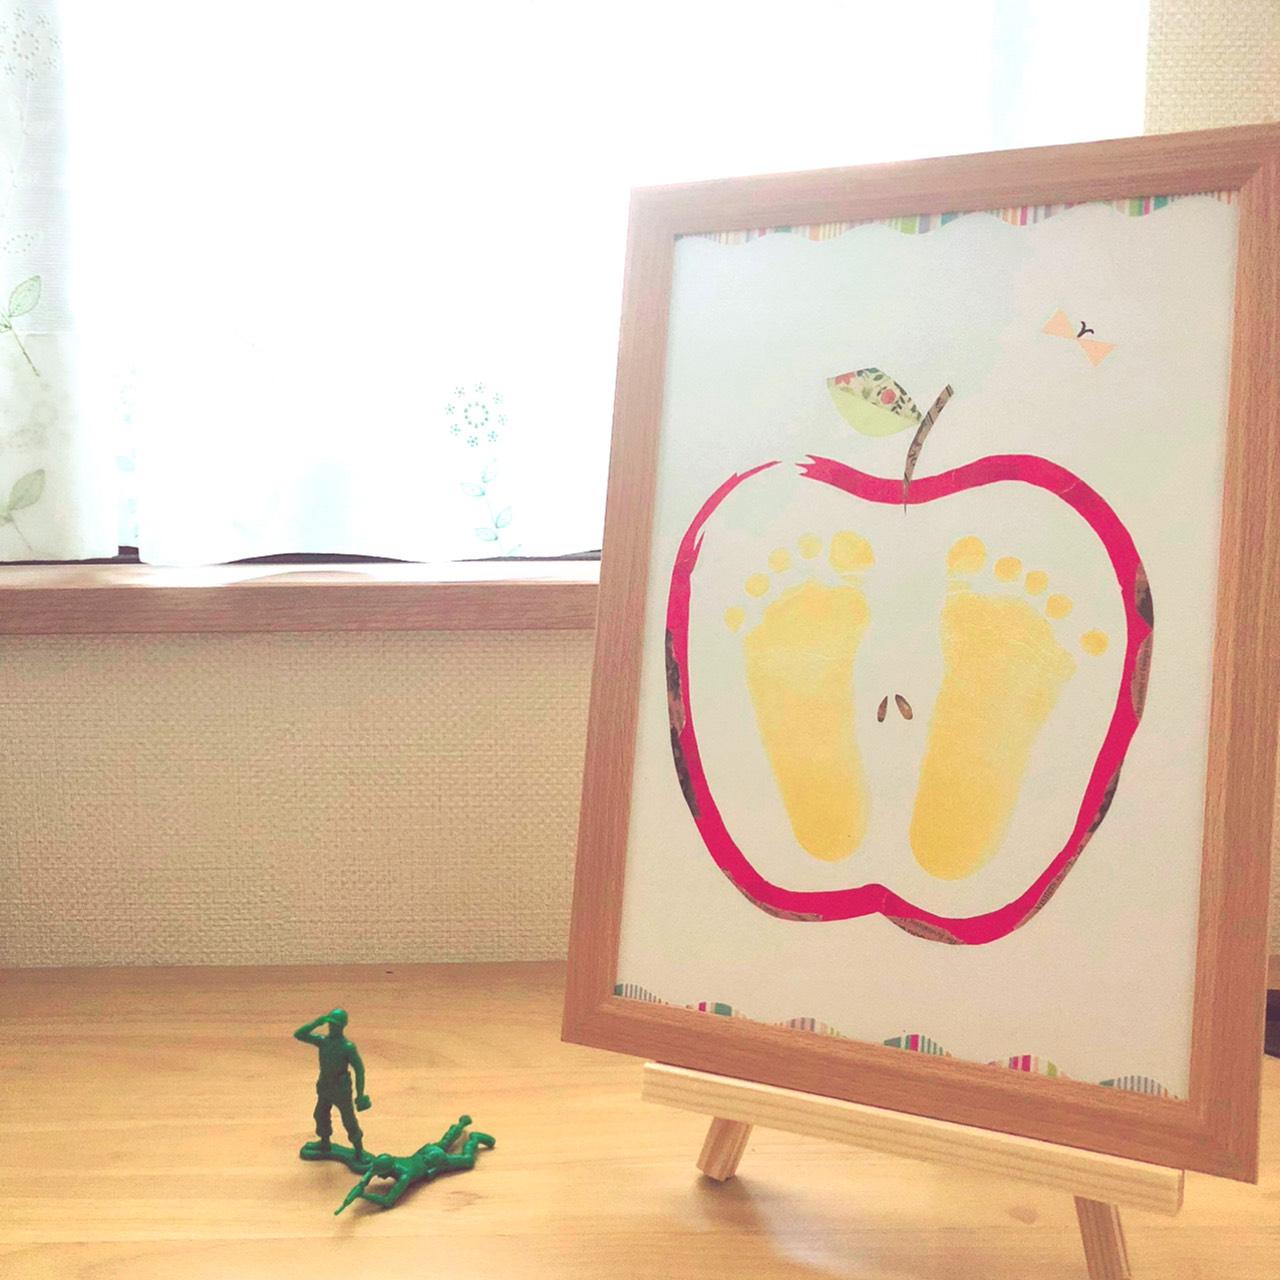 お子様の成長記録をおしゃれなアートに【オンライン講座】